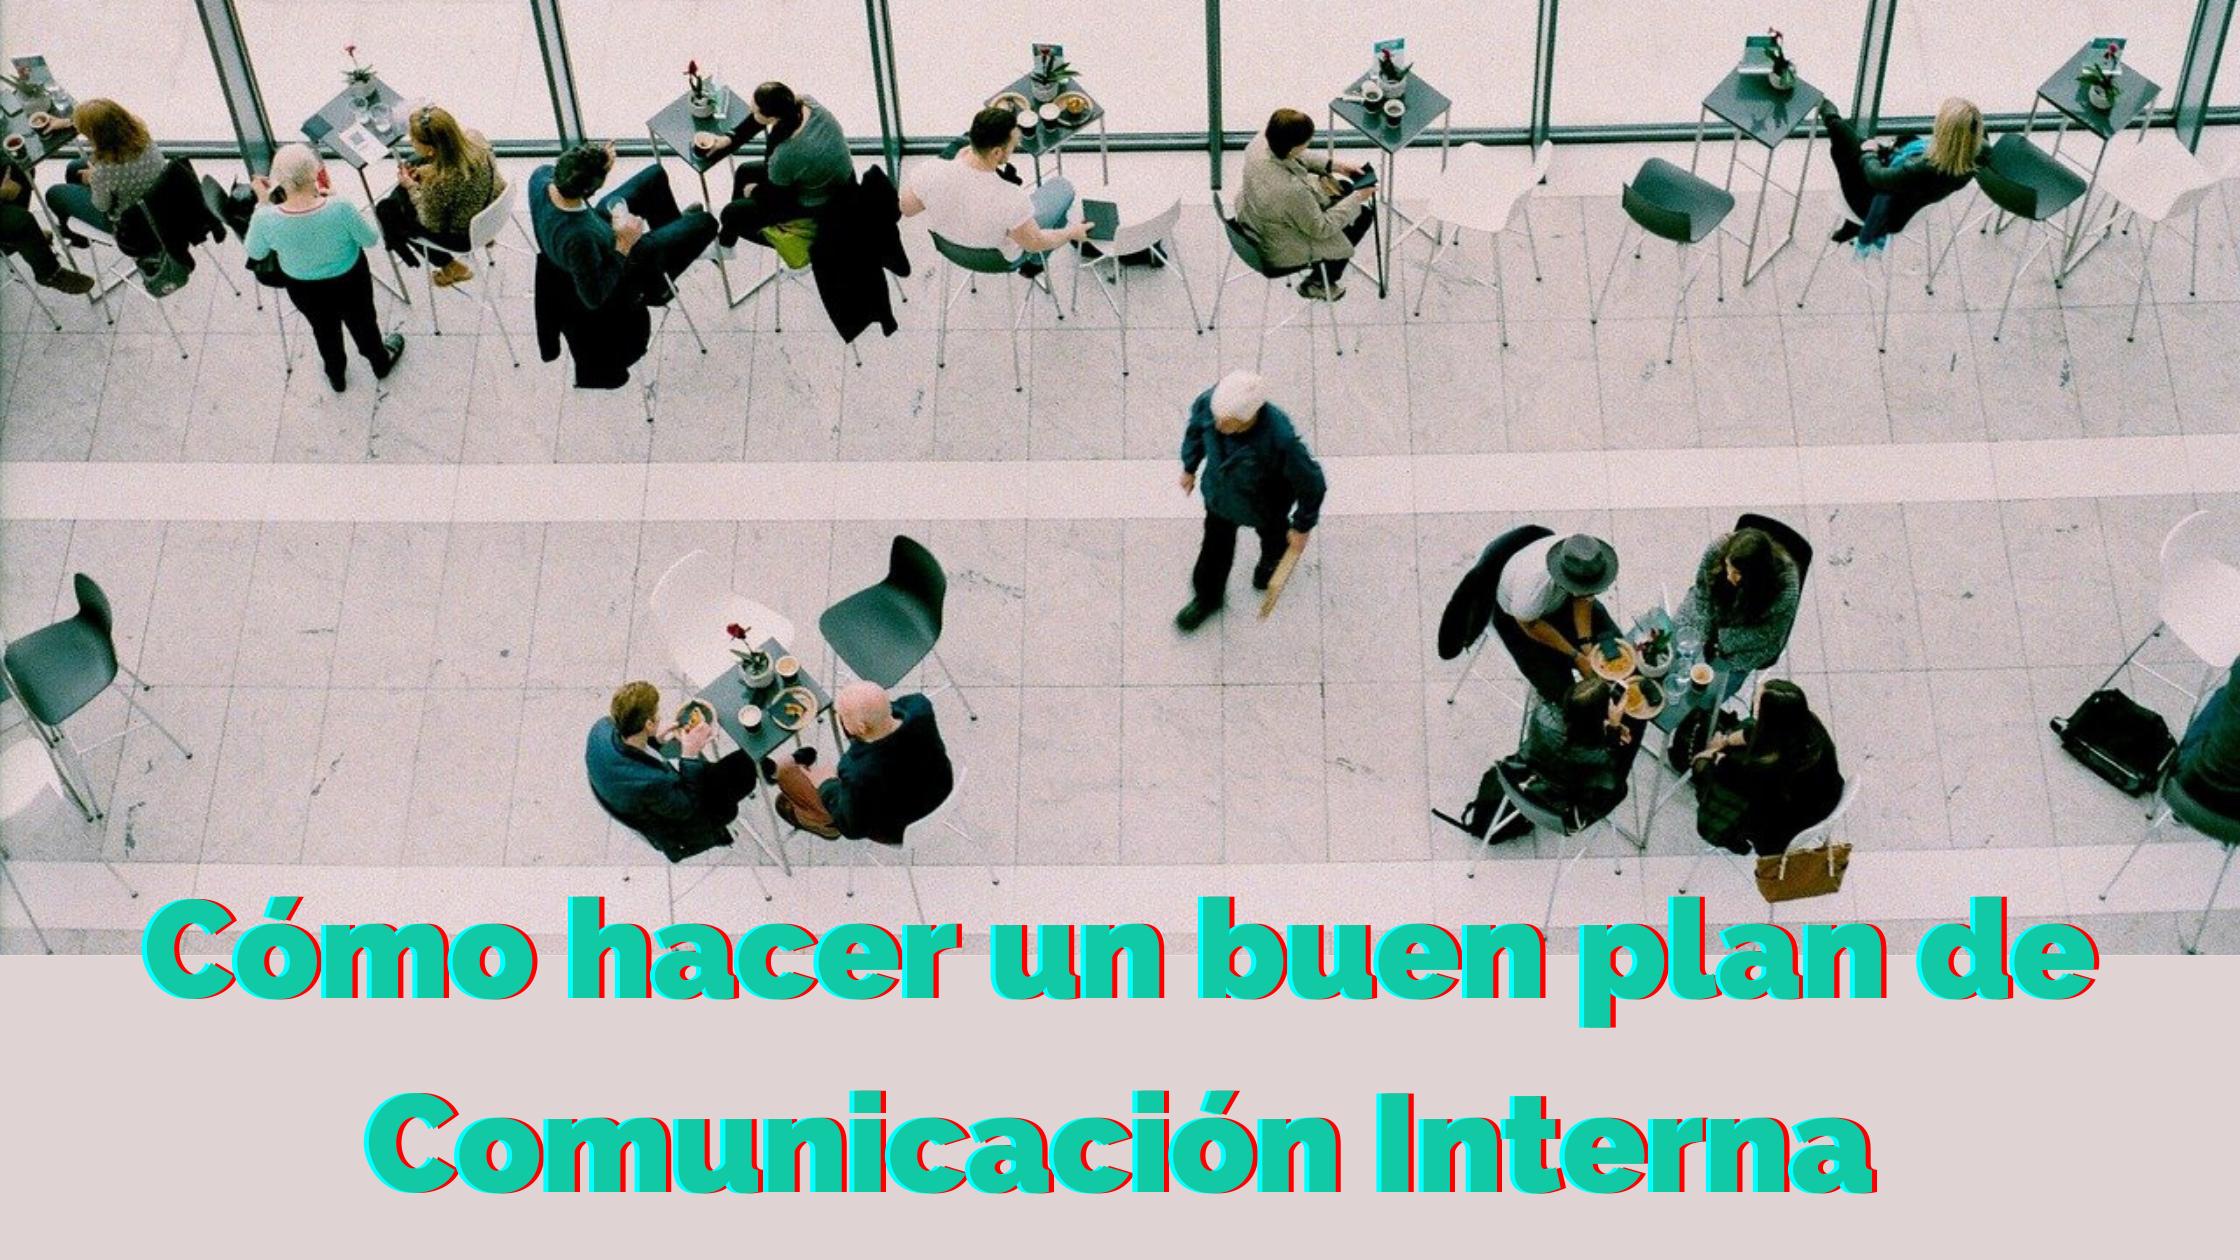 Cómo hacer un buen plan de Comunicación Interna